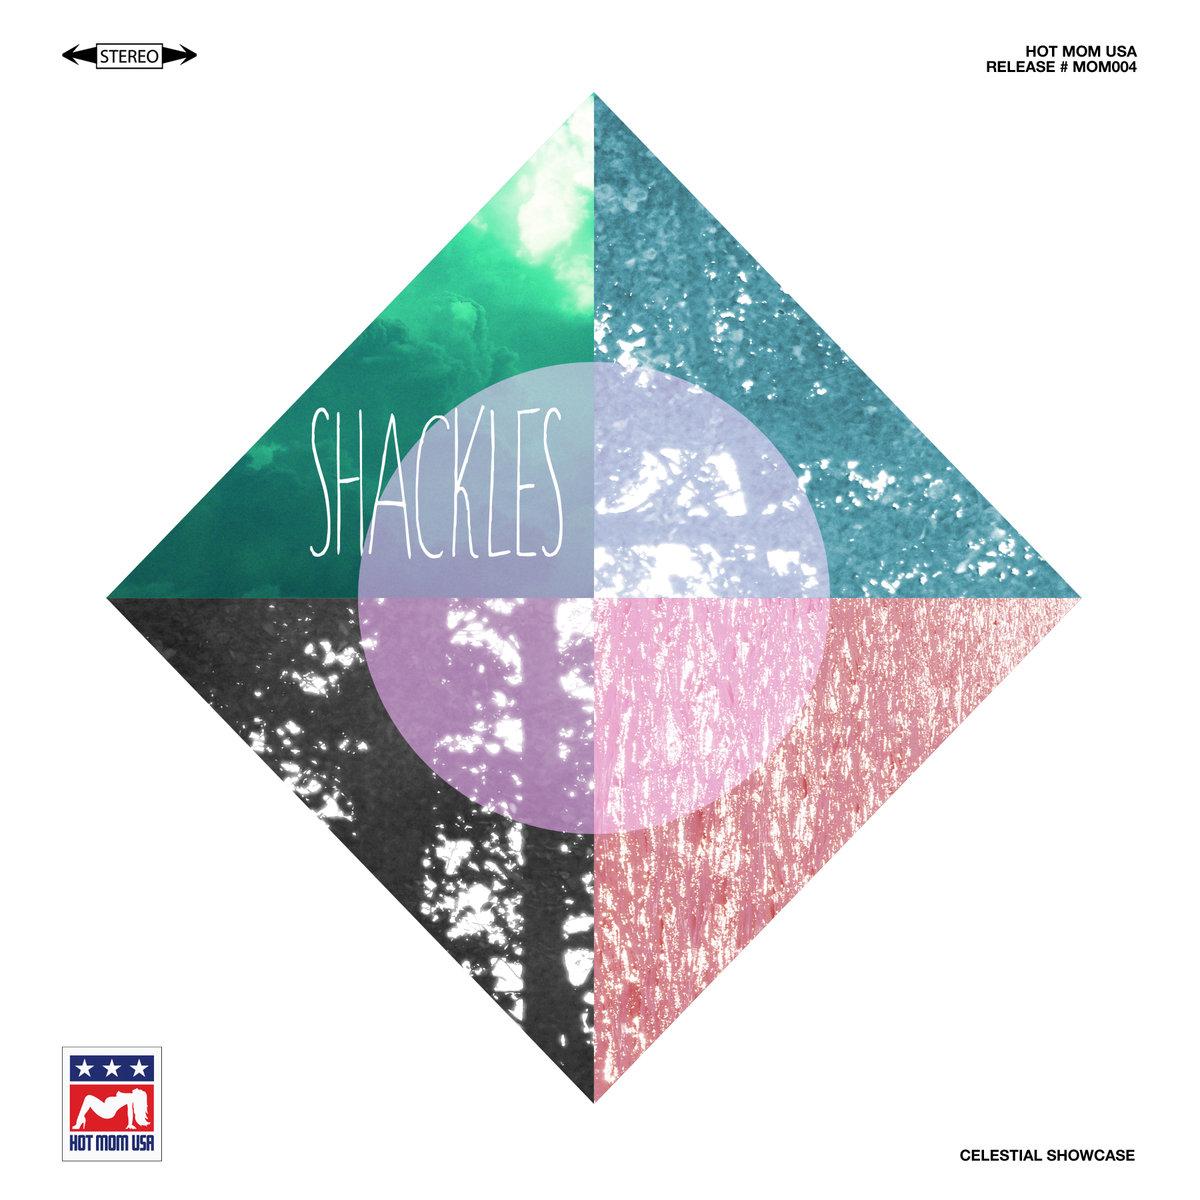 Shackles - Celestial Showcase.jpg